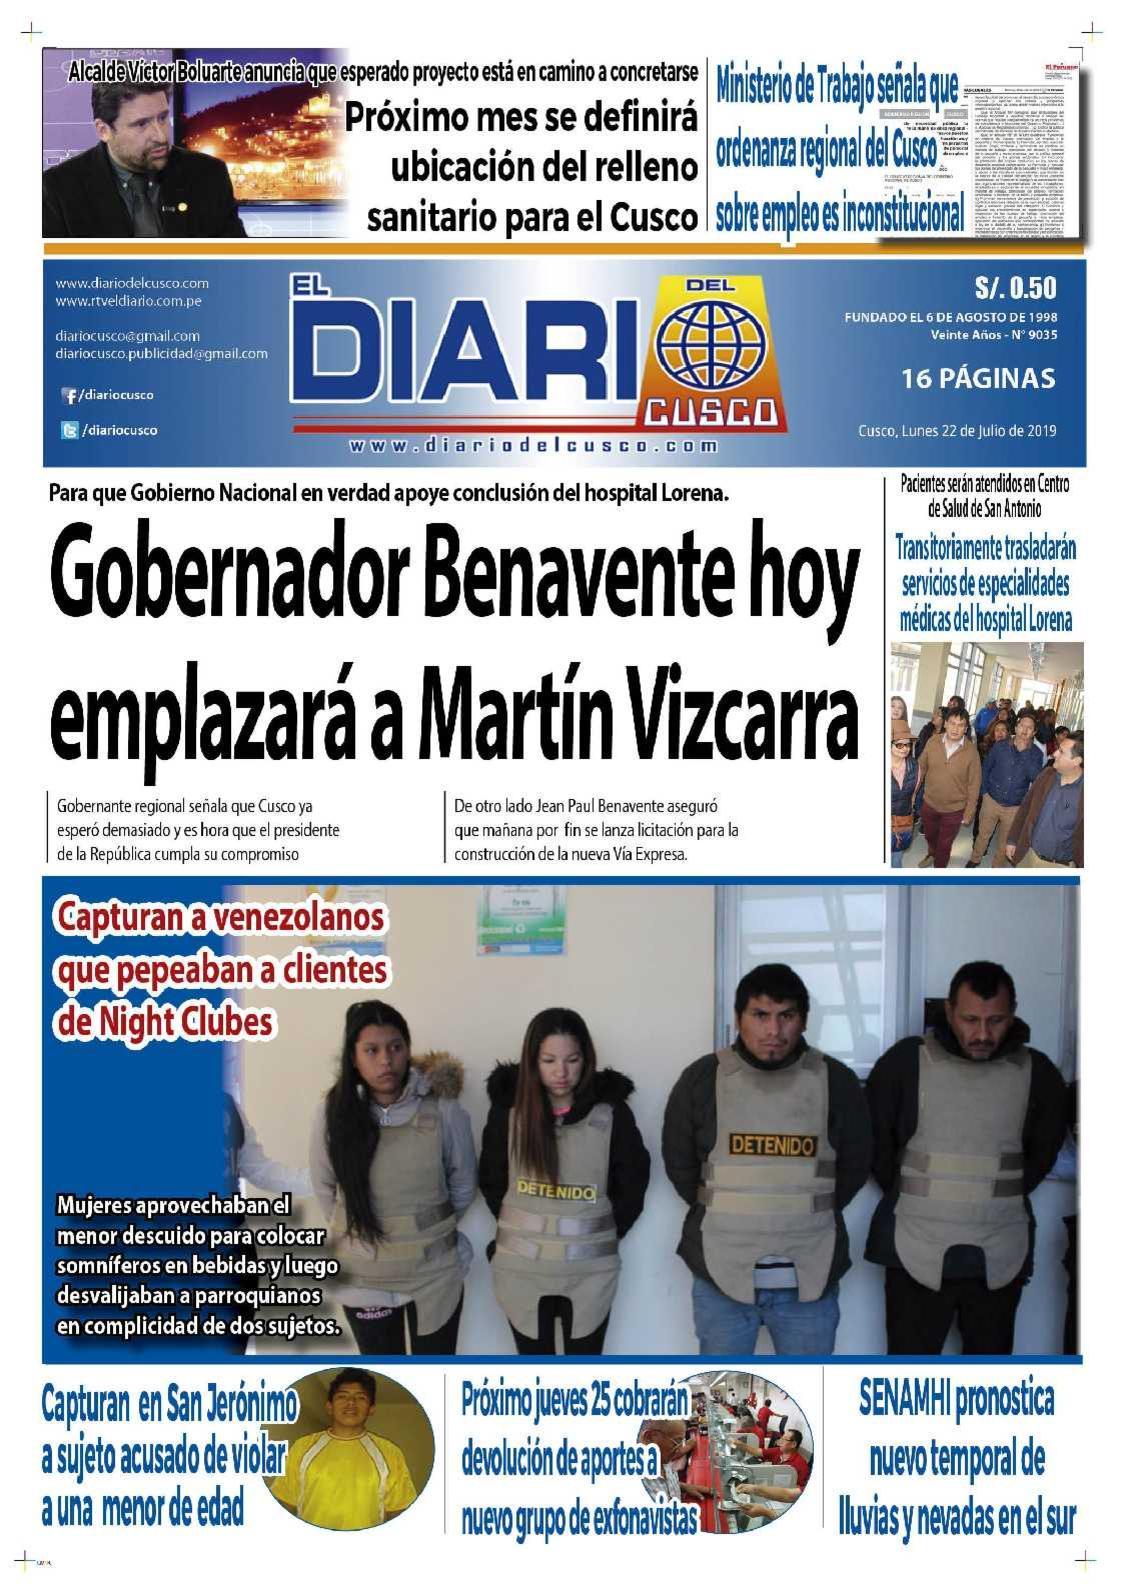 Diario del Cusco 22 de Julio de 2019